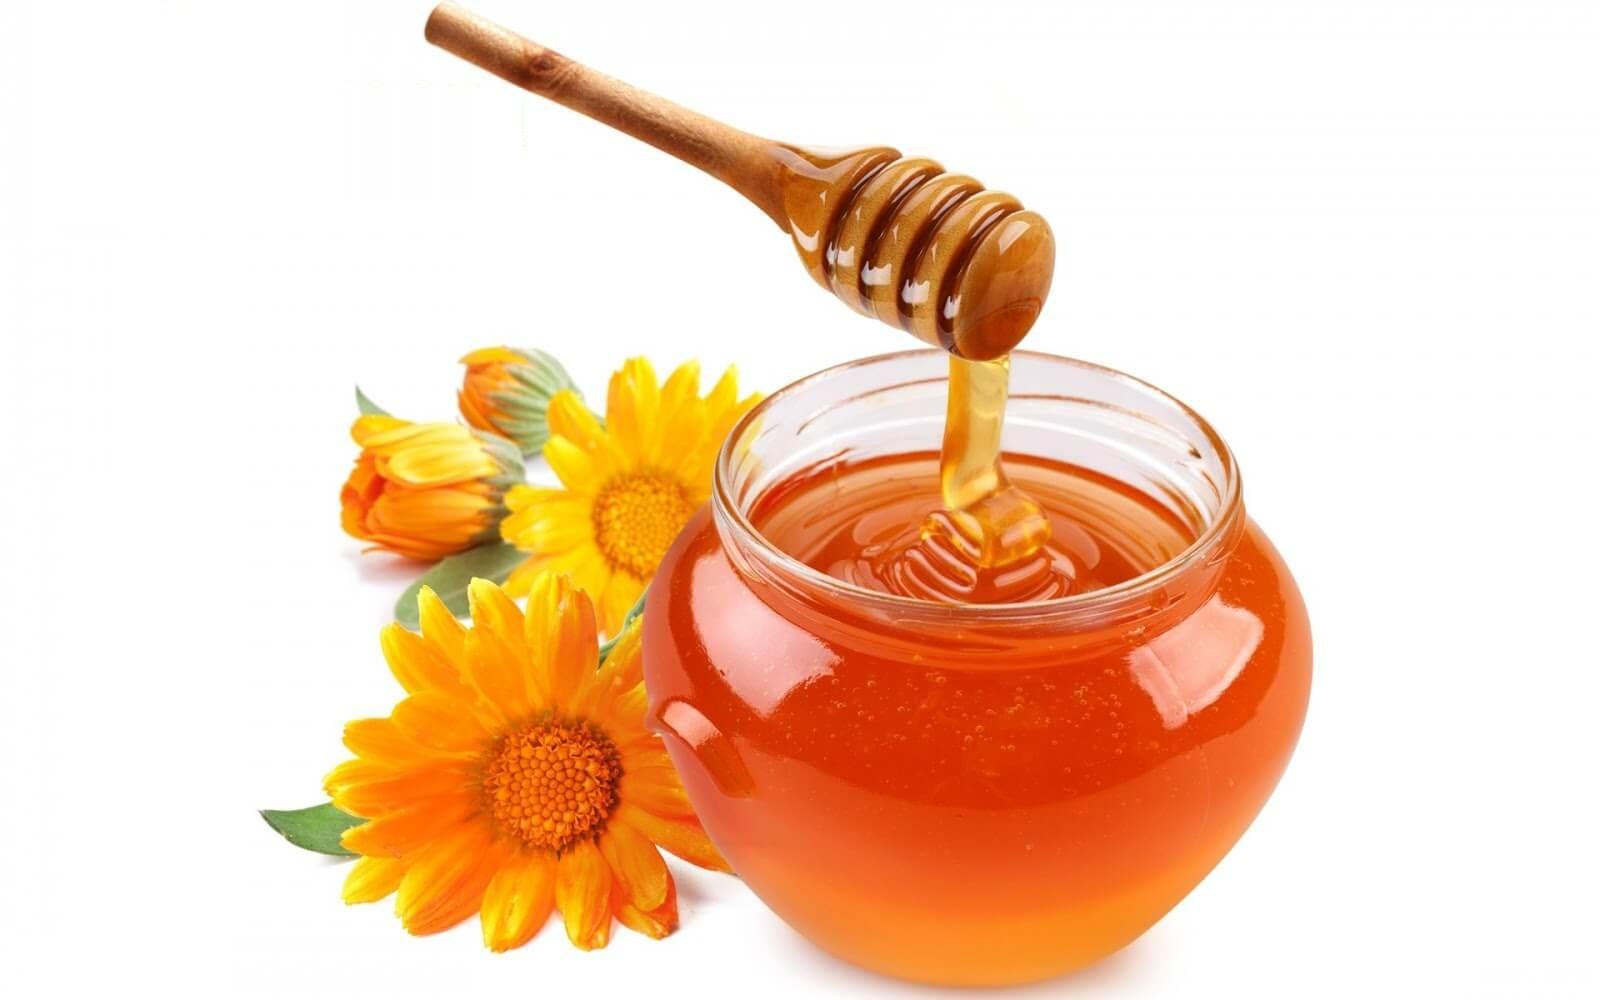 Trong mật ong chứa nhiều chất kháng khuẩn giúp đánh bay đi mụn ẩn